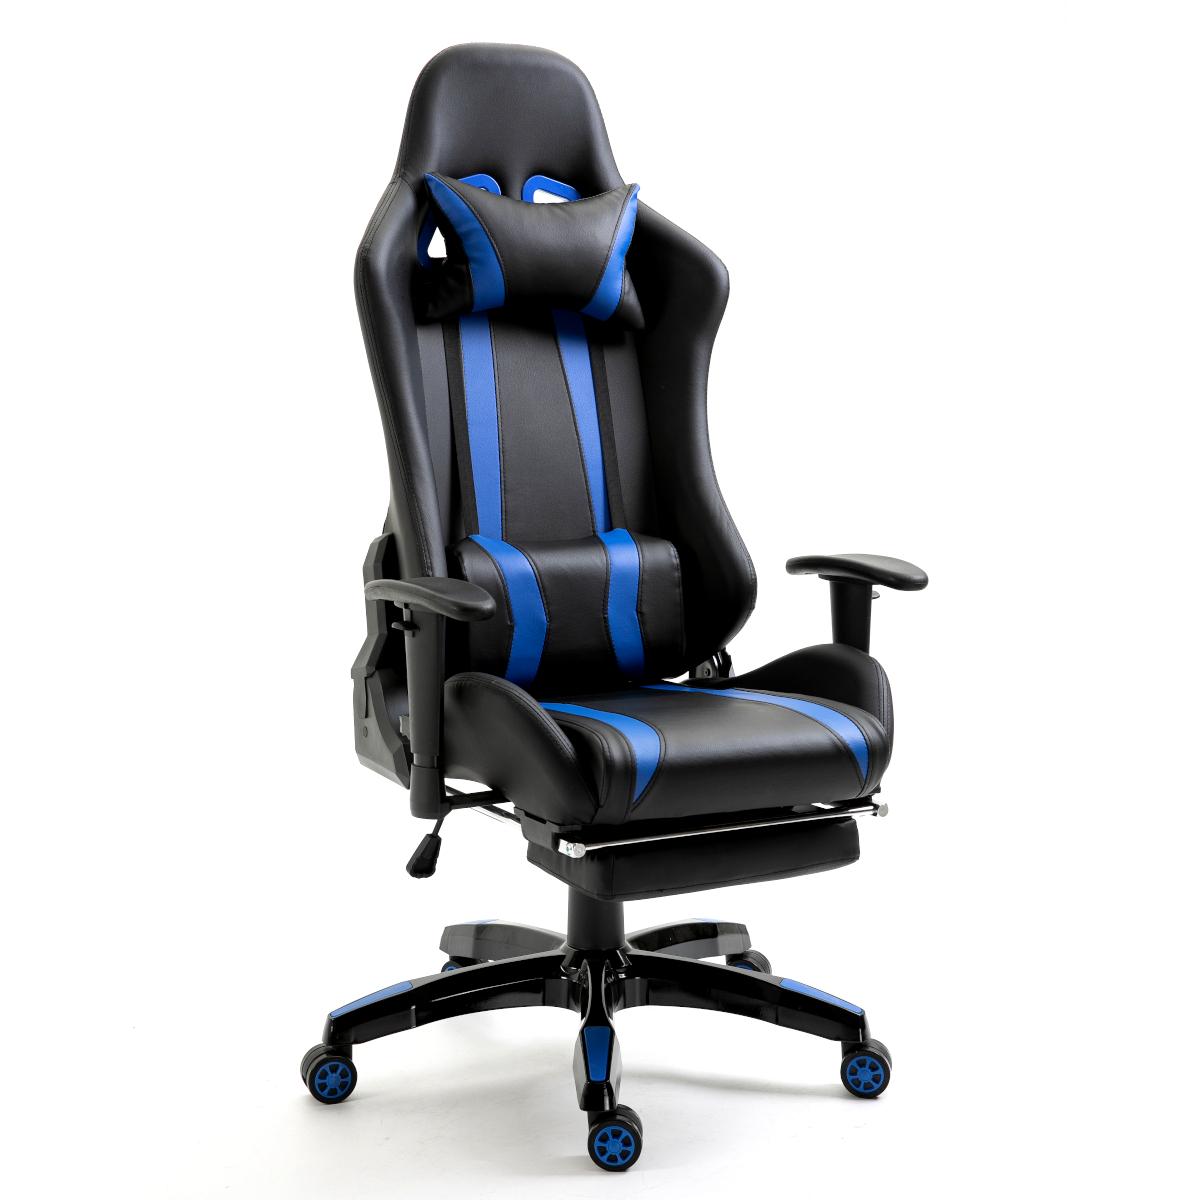 92209 SVITA Gaming Sessel mit Fußraste schwarz-blau